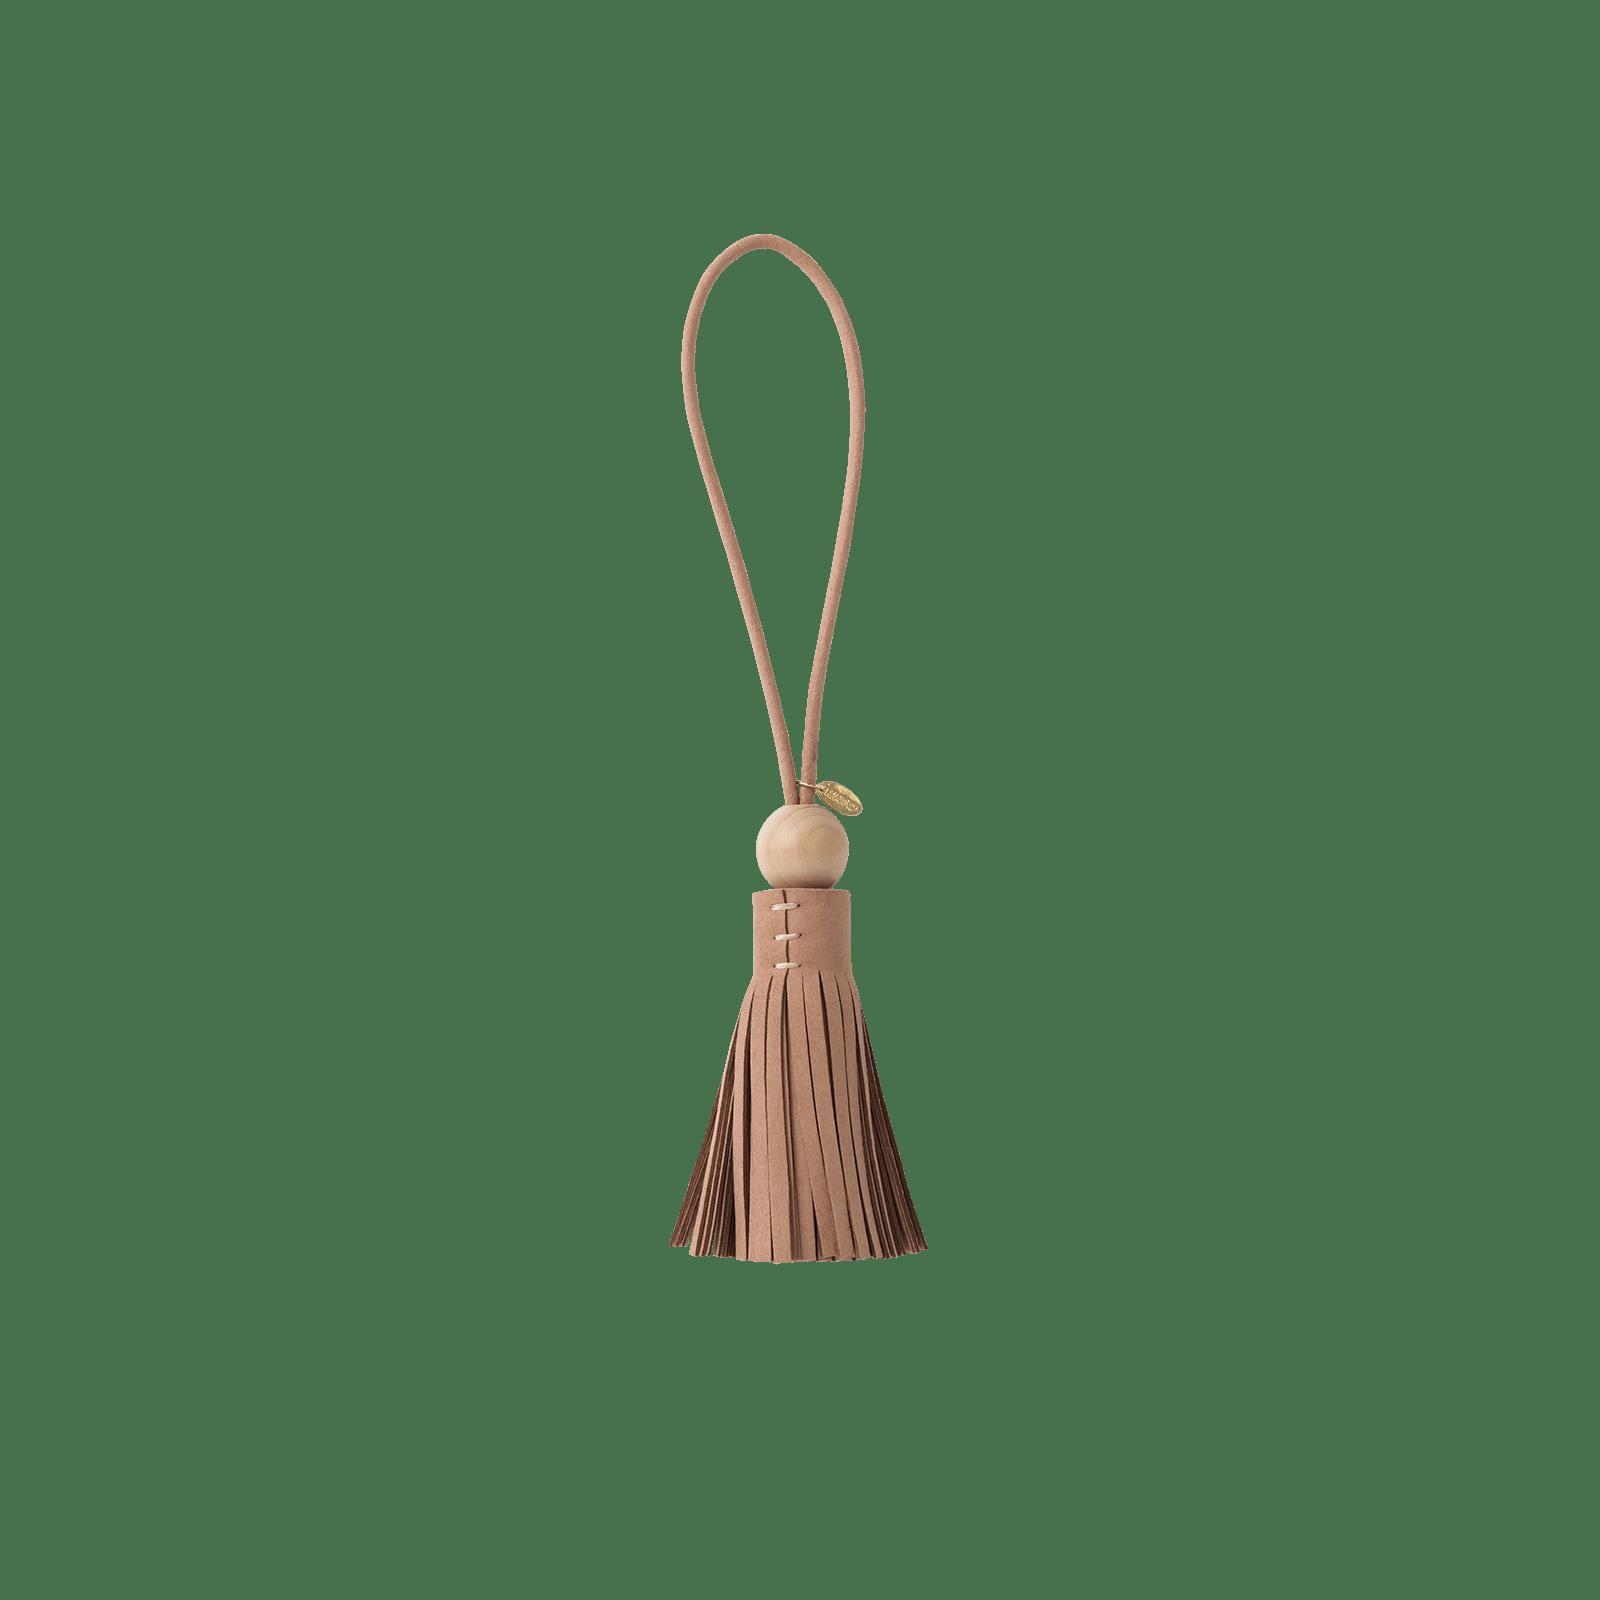 broom tassel 2 brick